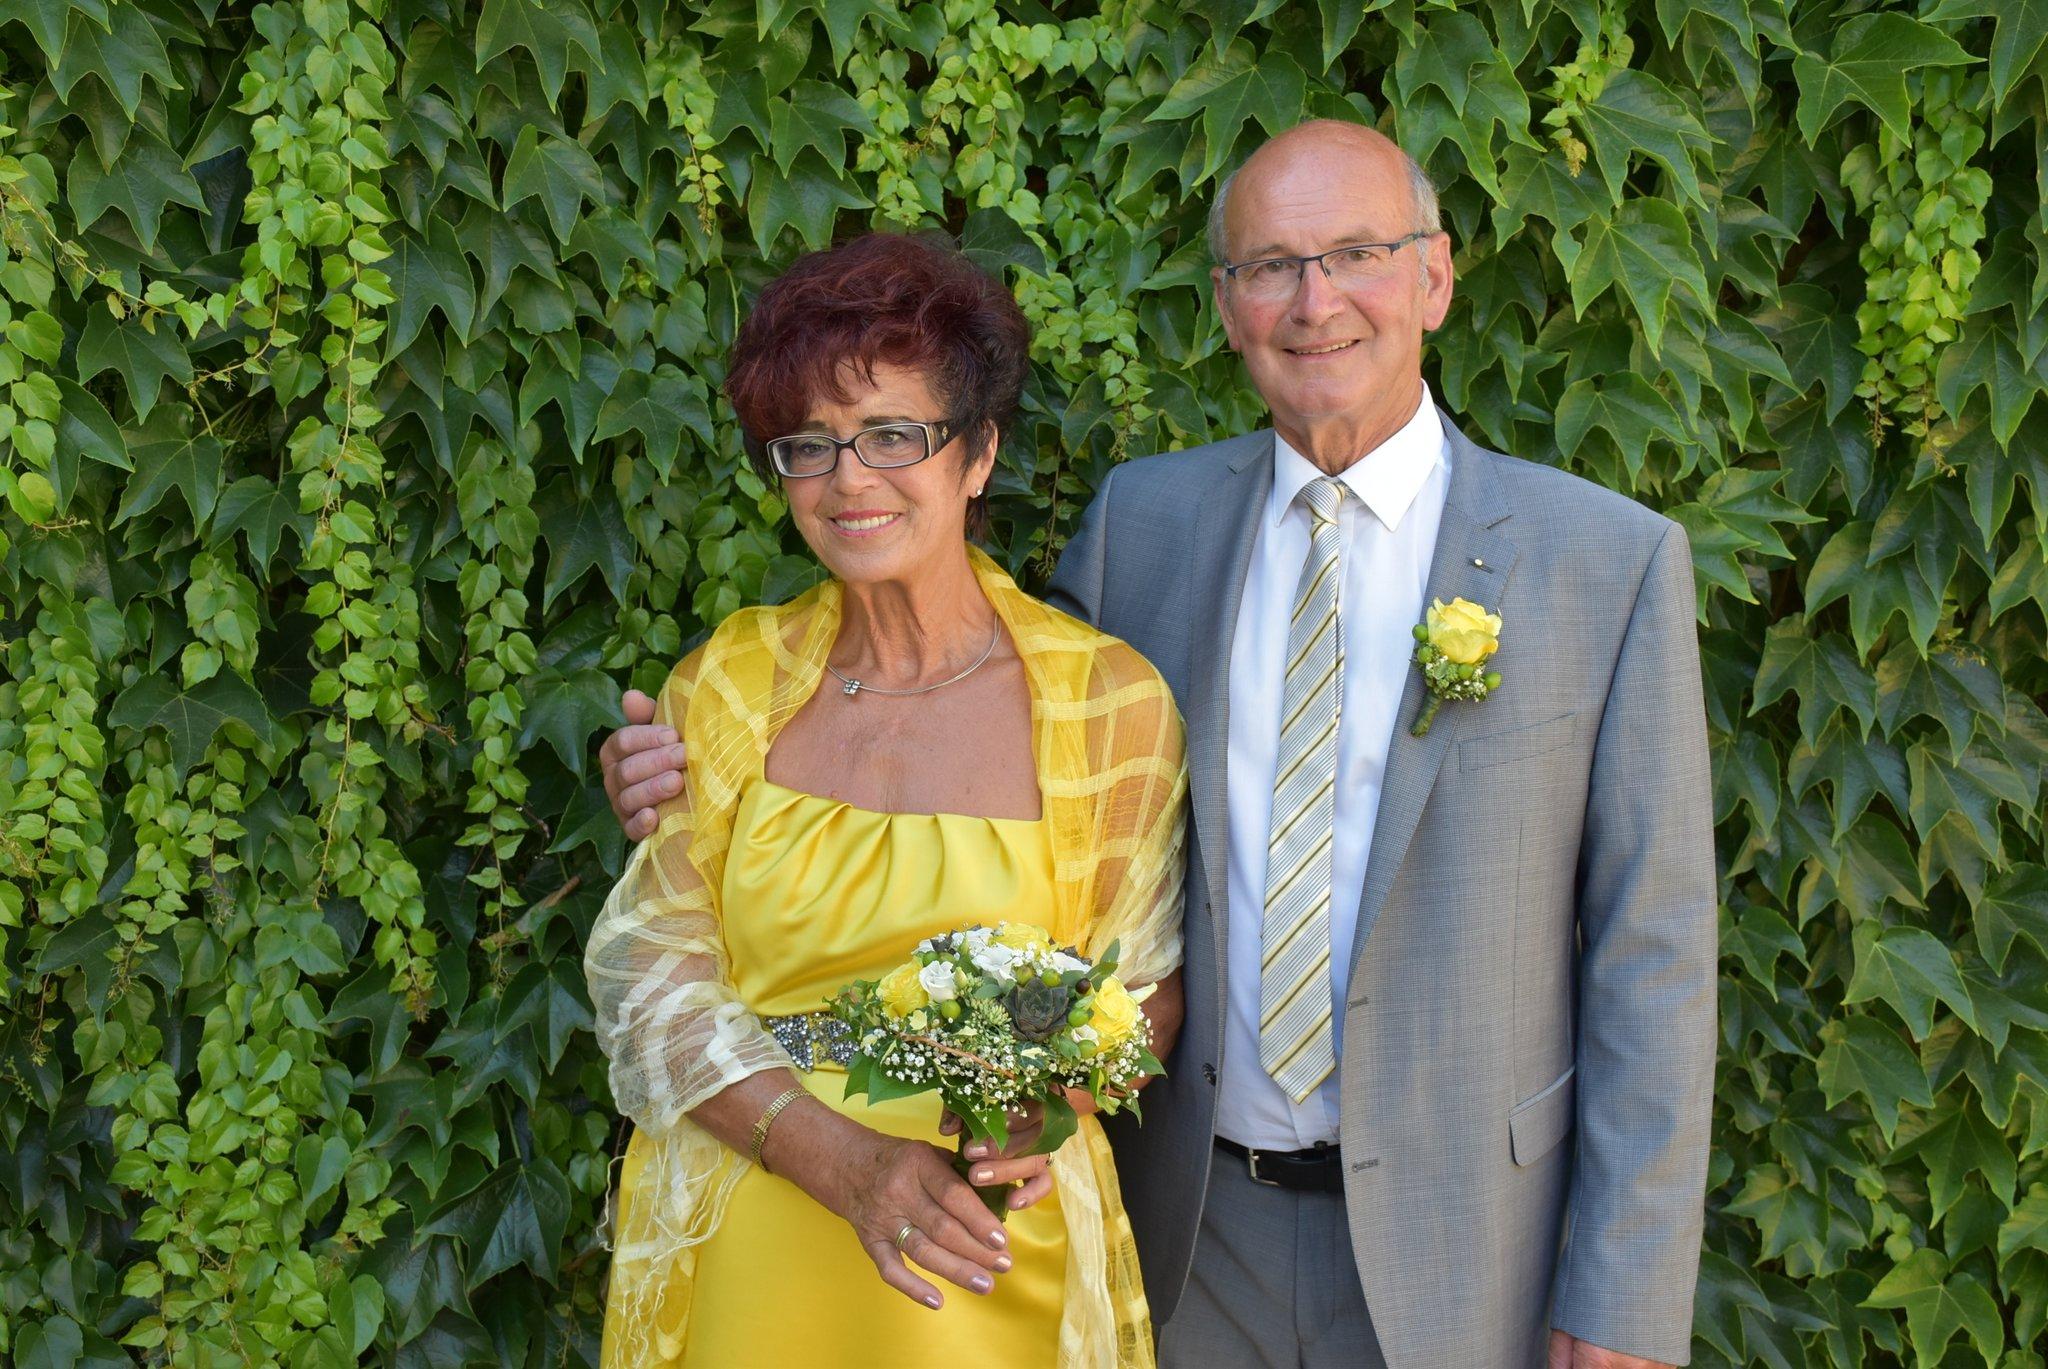 """Goldene Hochzeit"""" in goldenem Kleid gefeiert - Melk"""